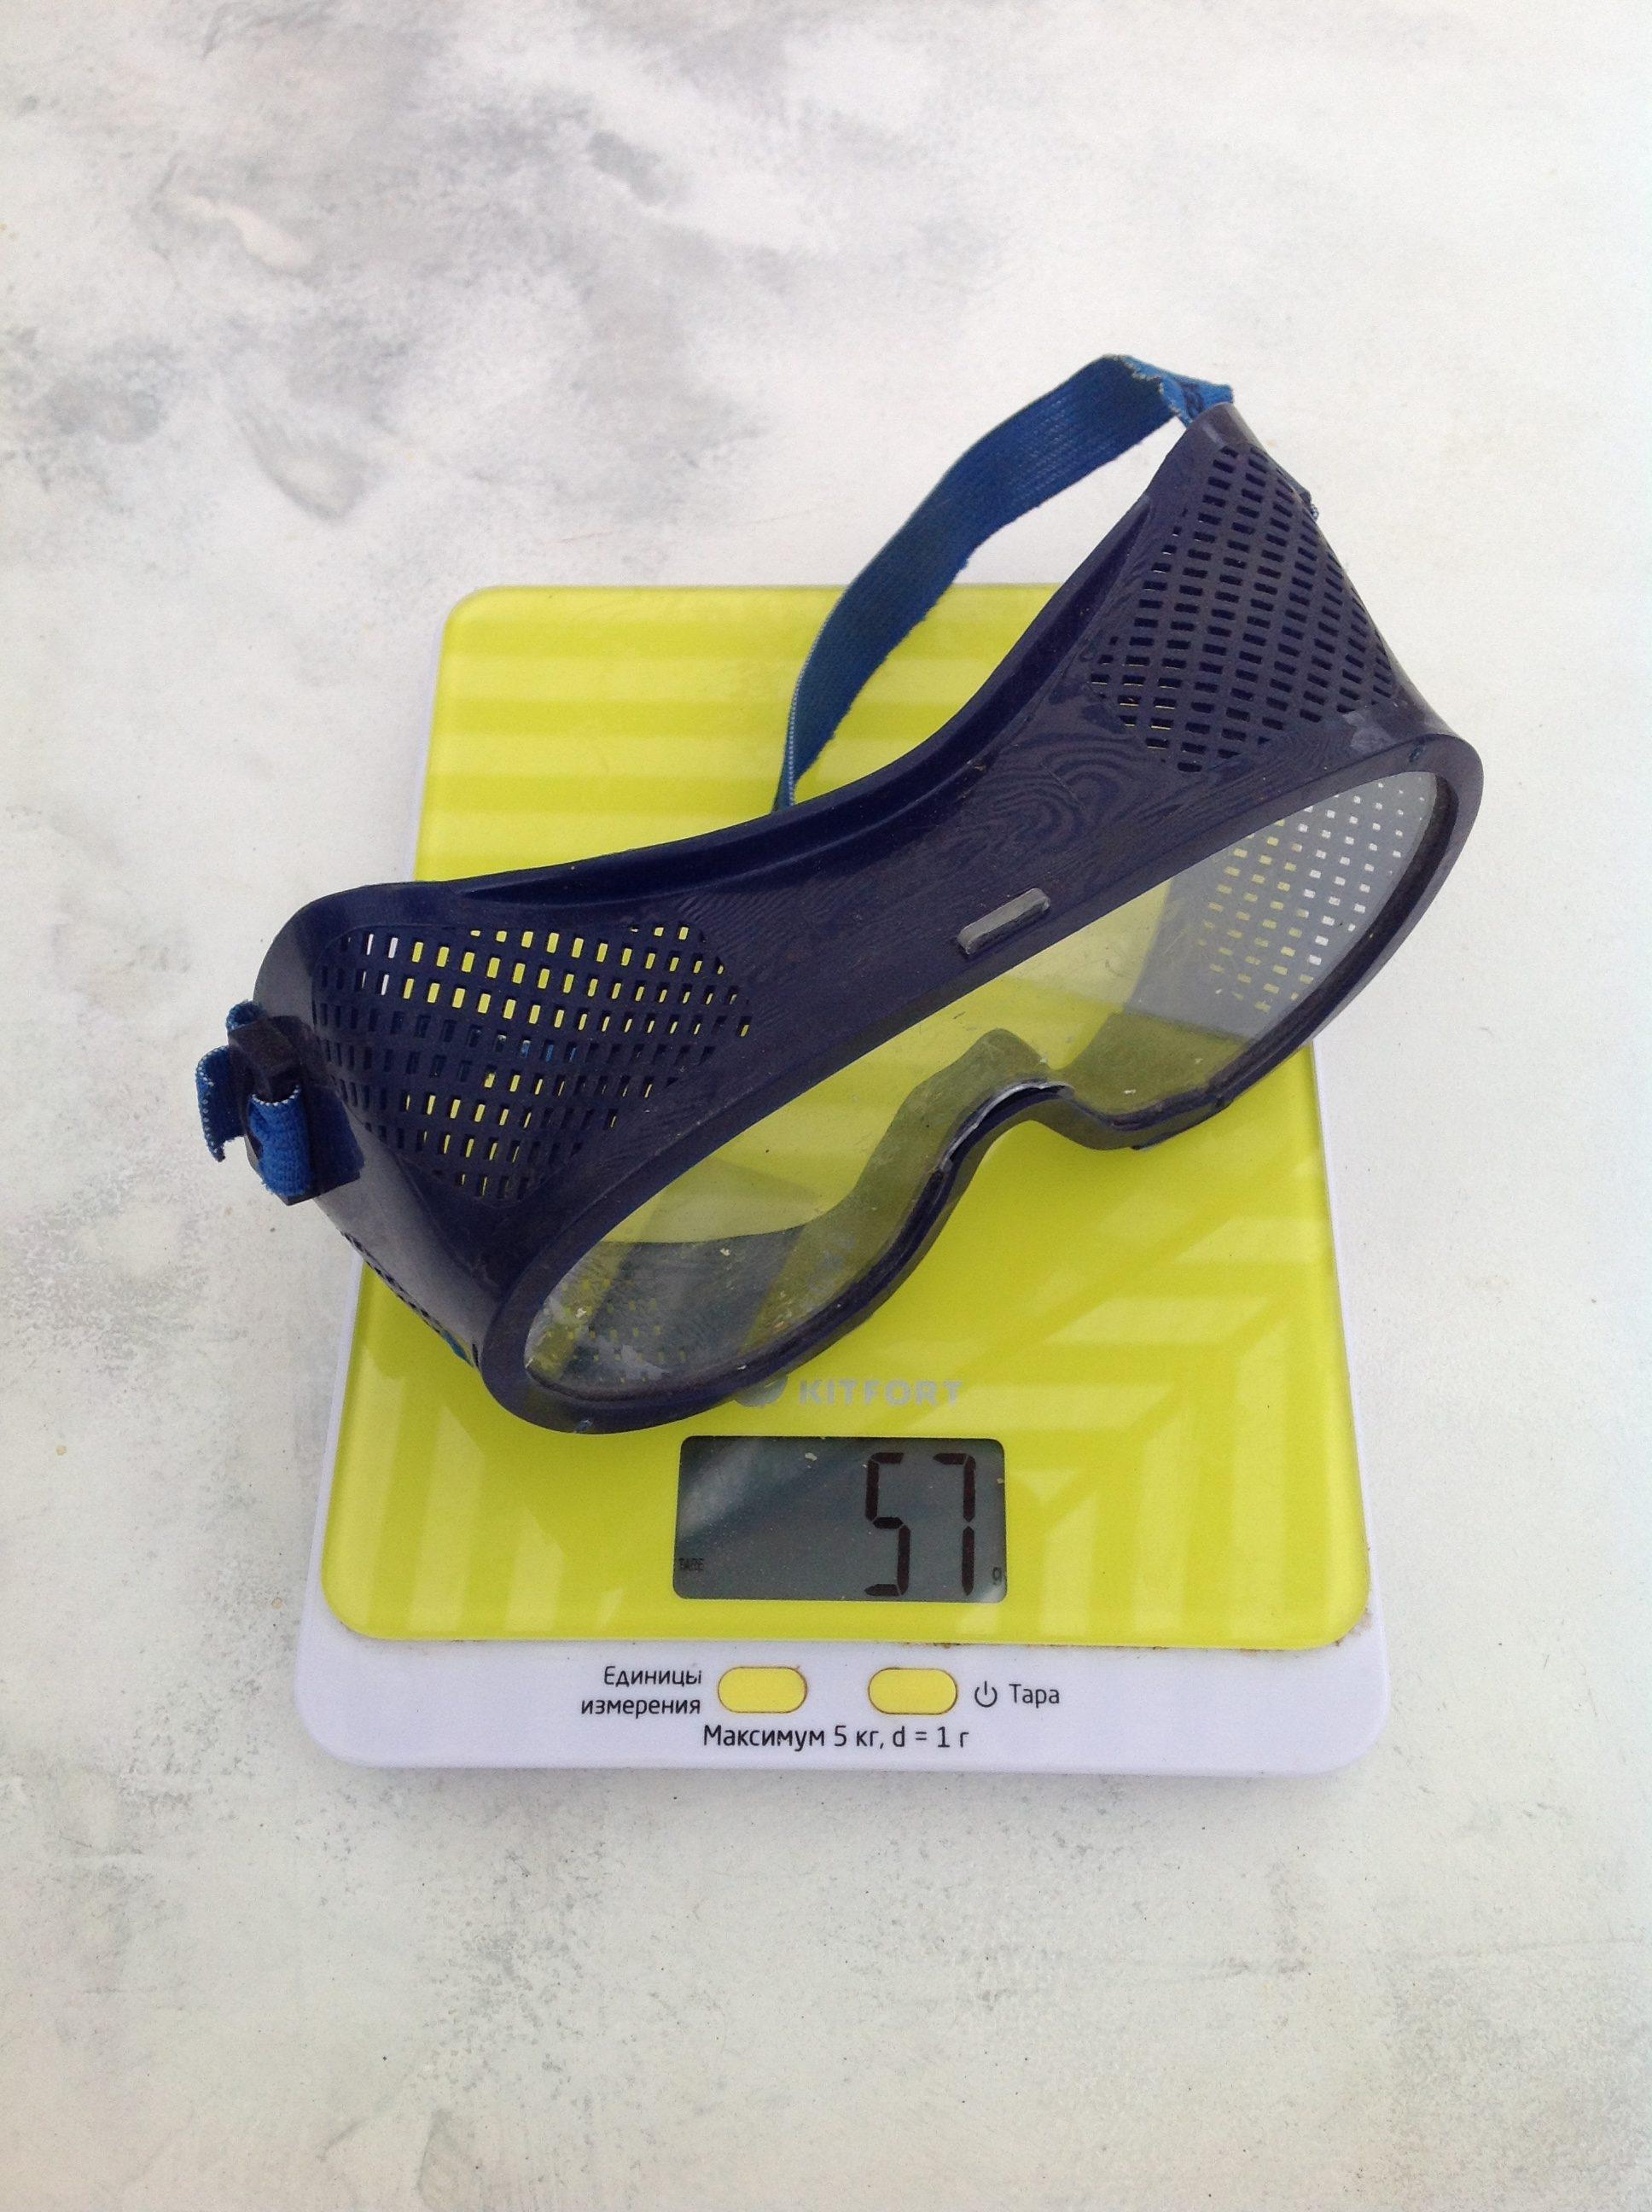 вес очков защитных